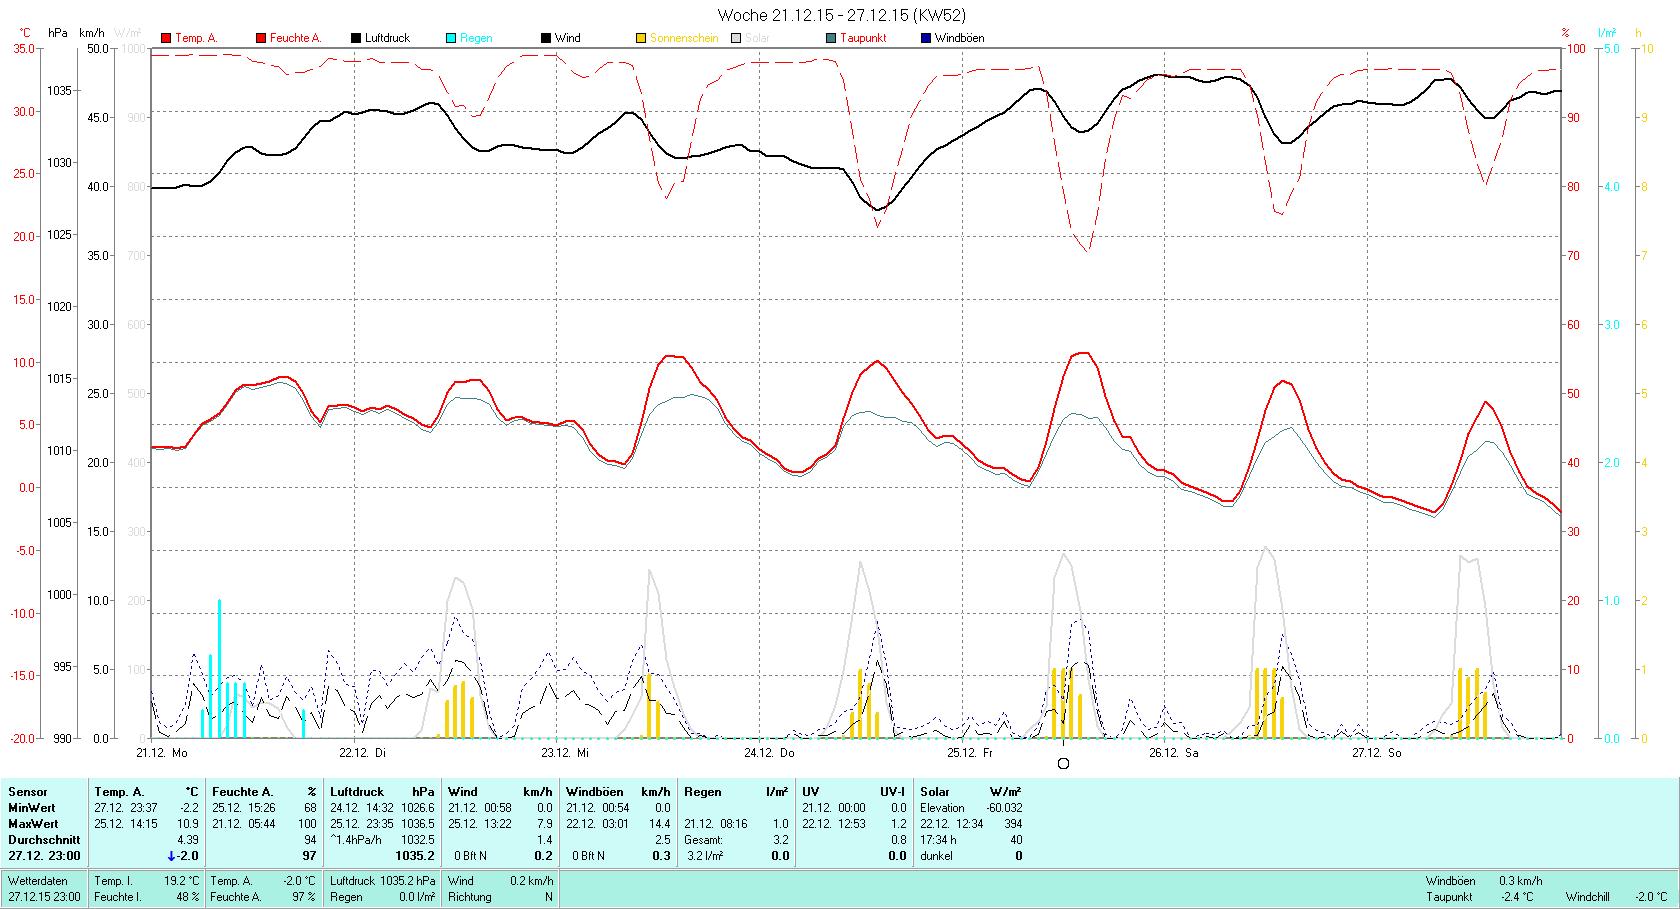 KW 52 Tmin -2.2°C, Tmax 10.9°C, Sonne 17:34h, Niederschlag 3.2mm/2